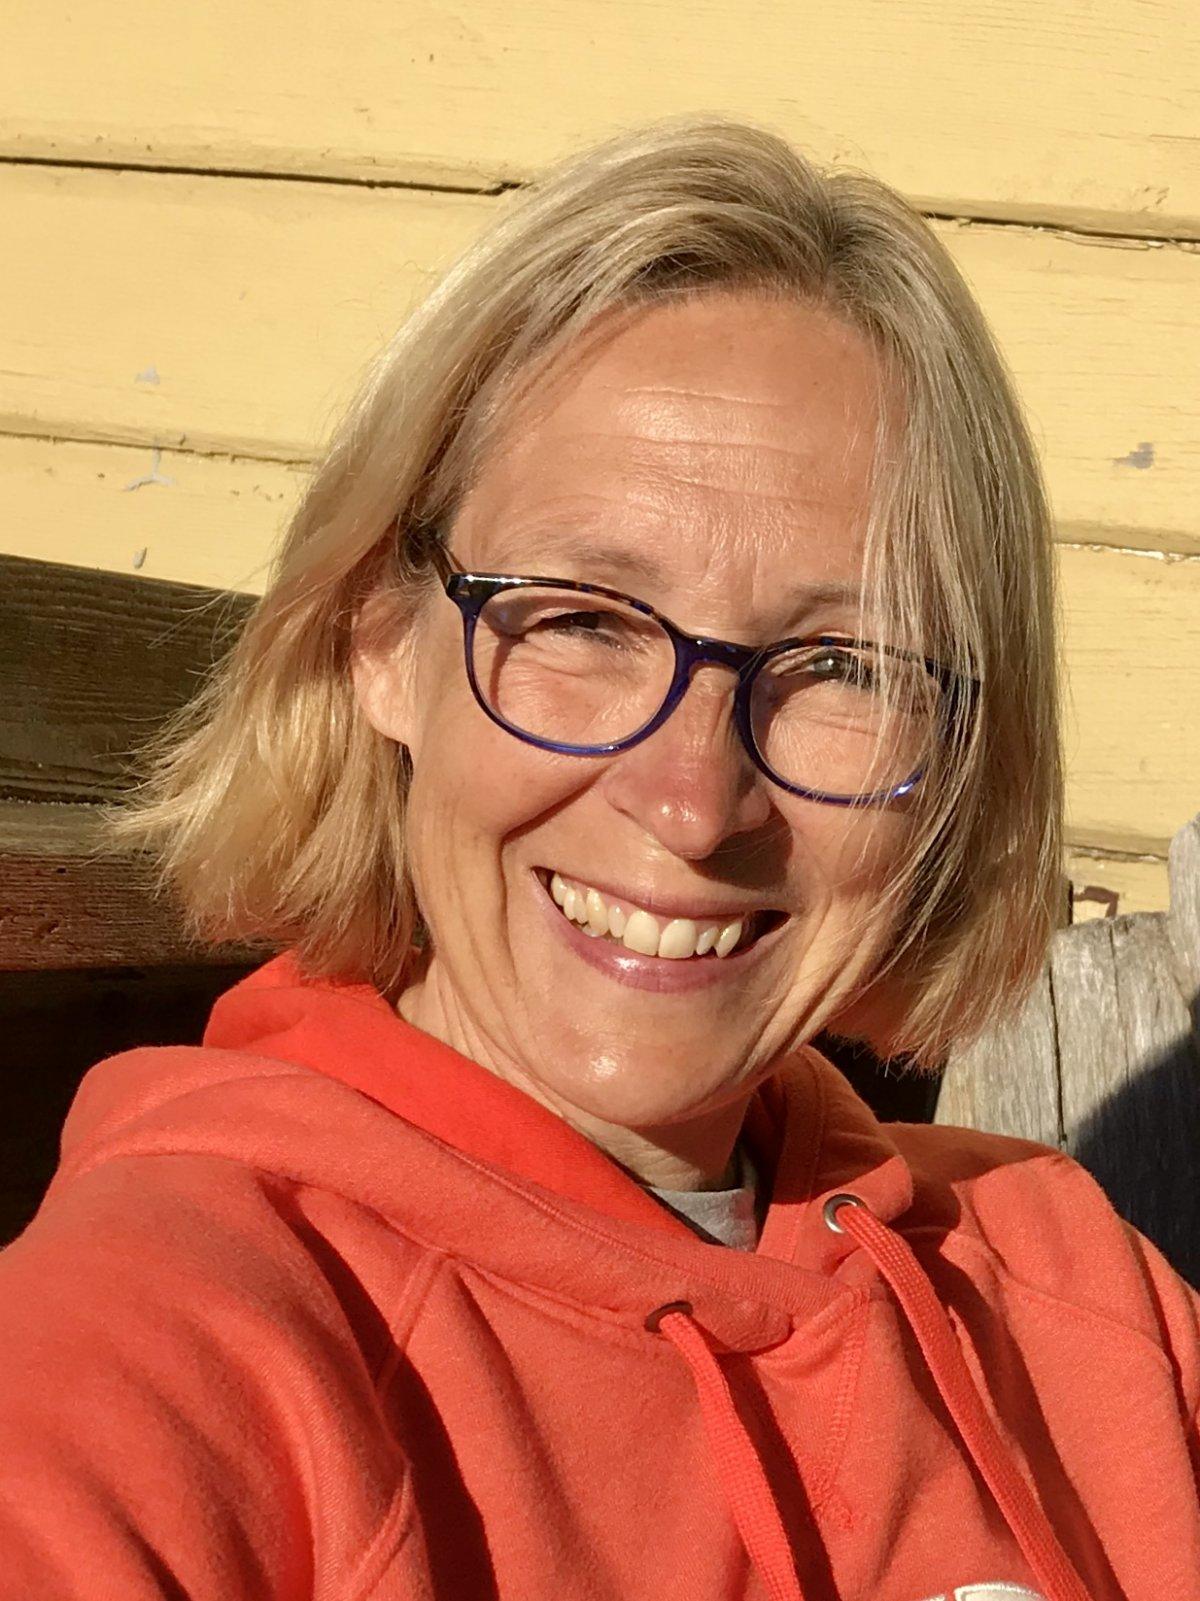 Auf dem Foto scheint Verena Knöffel die Sonne ins Gesicht. Sie lacht in die Kamera. Sie hat kinnlange blonde Haare und trägt eine eckige dunkle Brille sowie einen roten Kapuzenpullover.